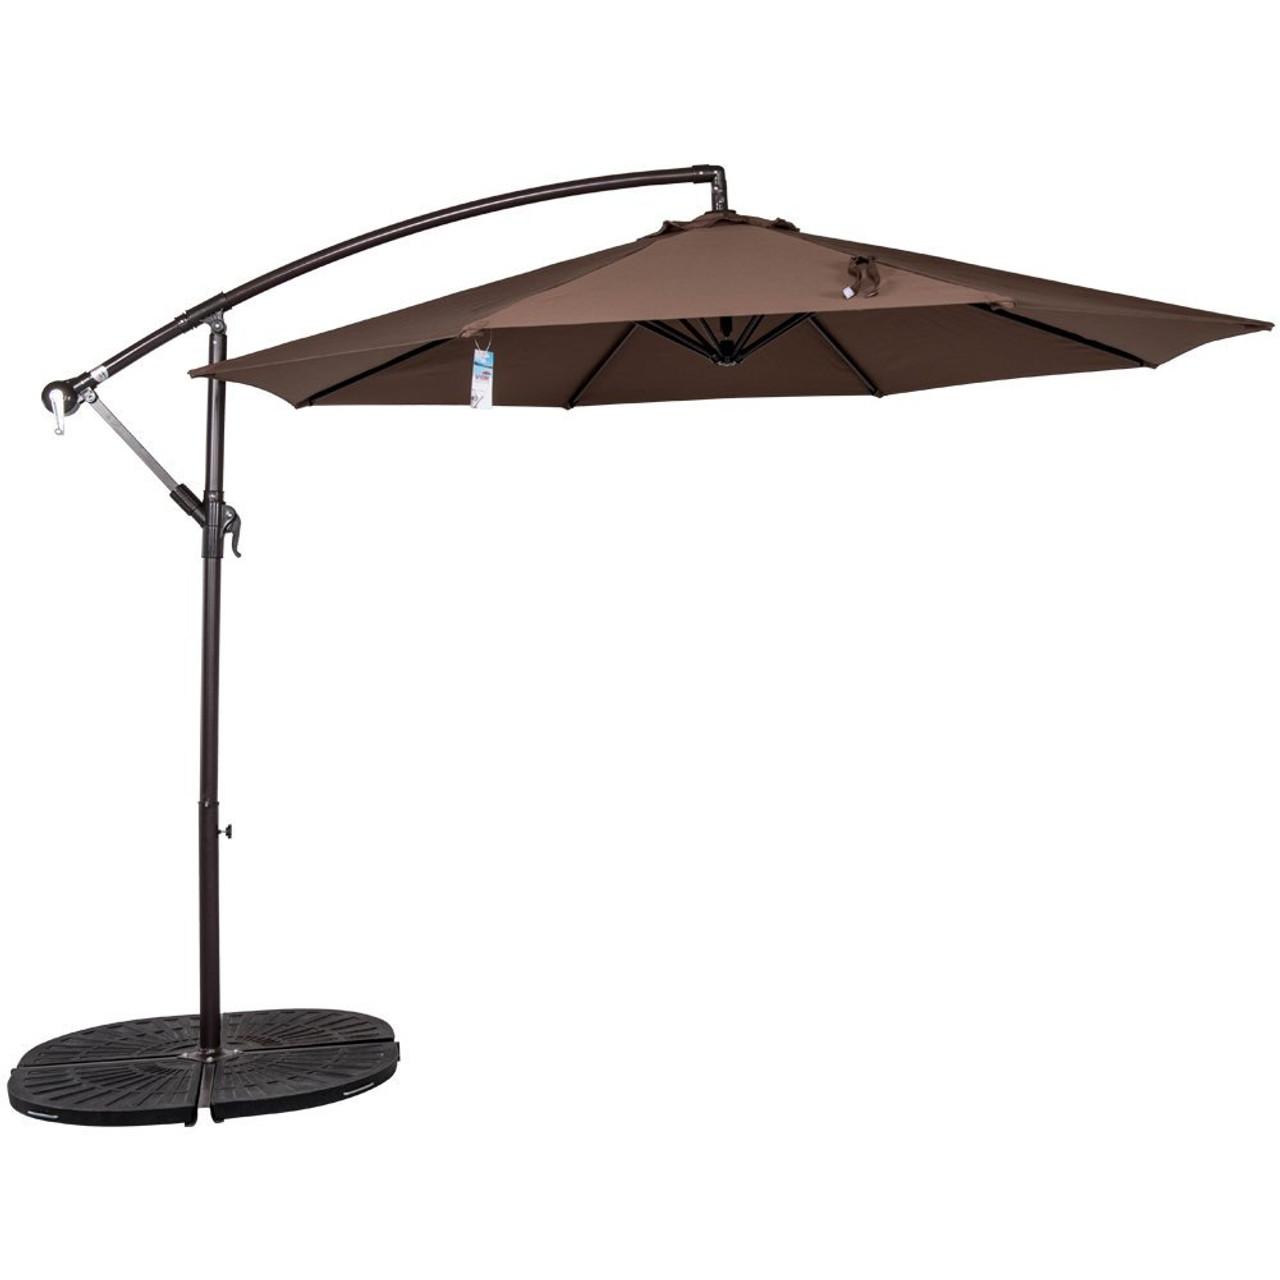 10 Feet Aluminum Offset Patio Umbrella(Chocolate)